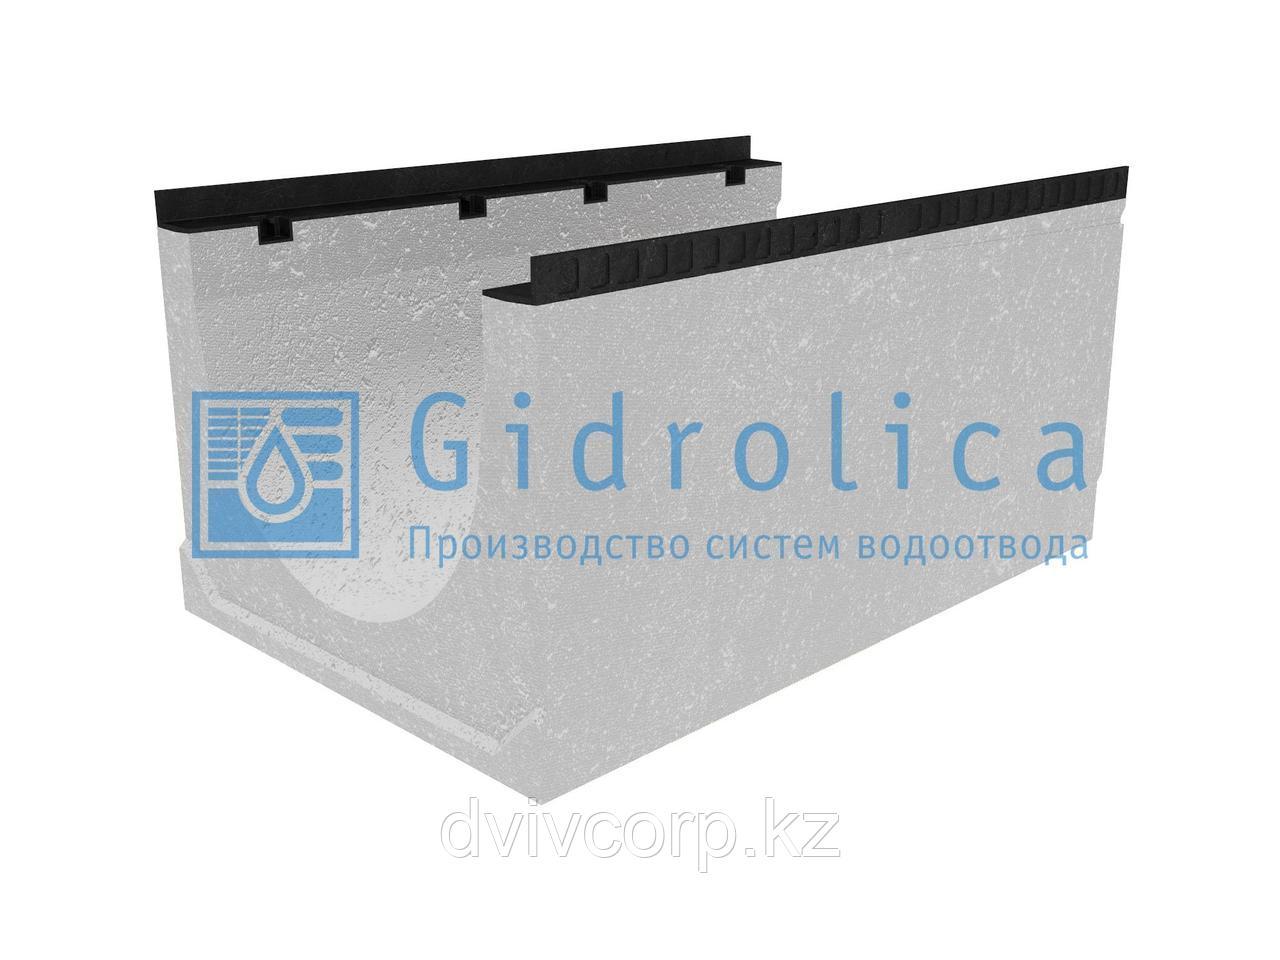 Лоток водоотводный бетонный коробчатый (СО-500мм), с уклоном 0,5%  КUу 100.65(50).50(41) - BGМ, № 10